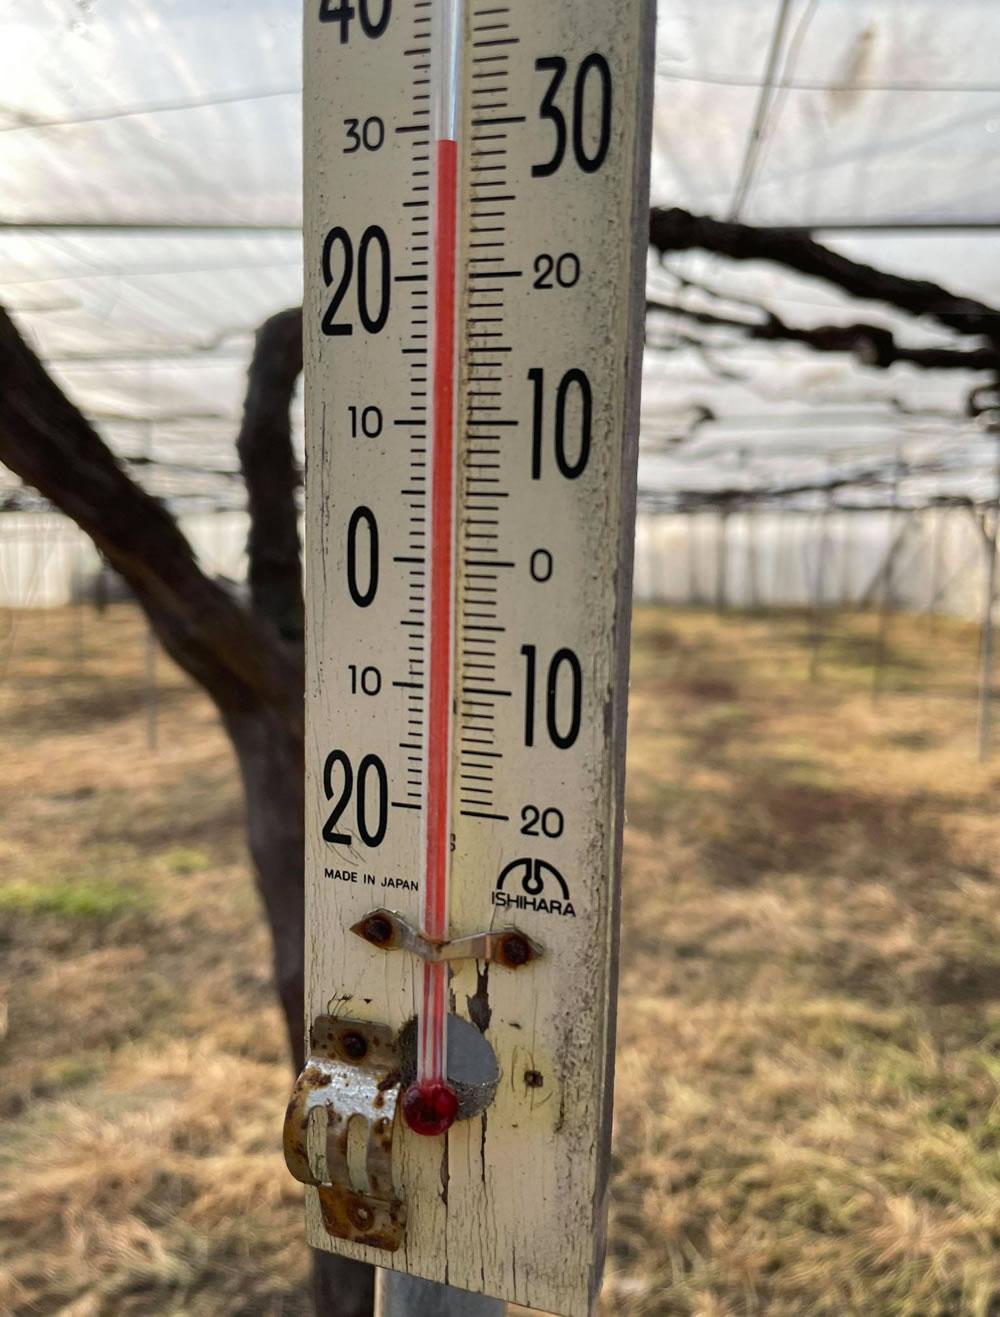 午後4時前でもハウス内は摂氏28度!